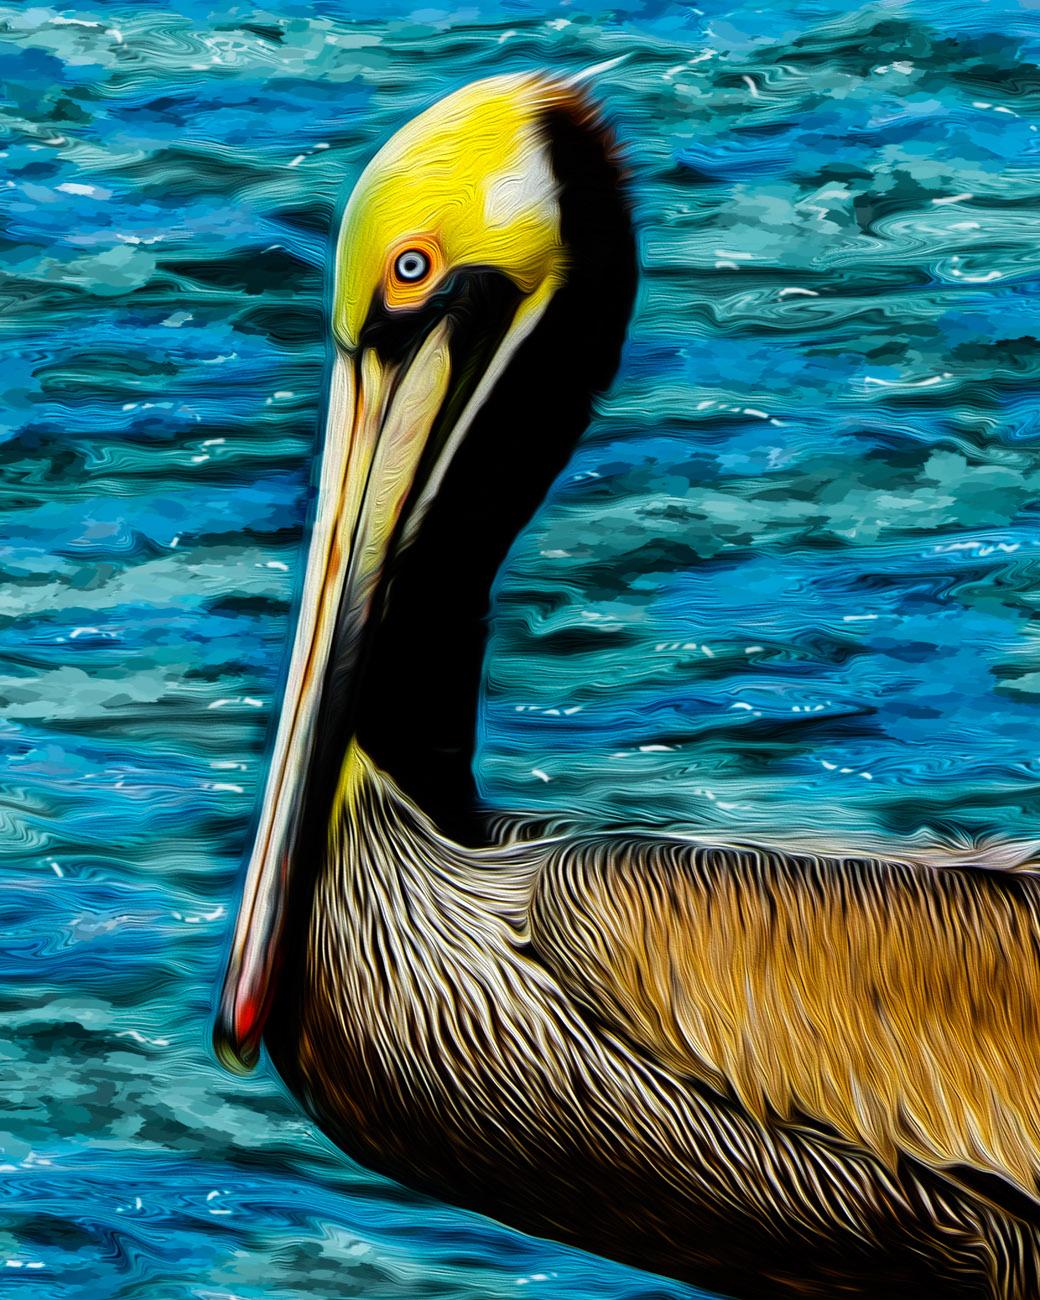 009_pelican7932b2b.jpg